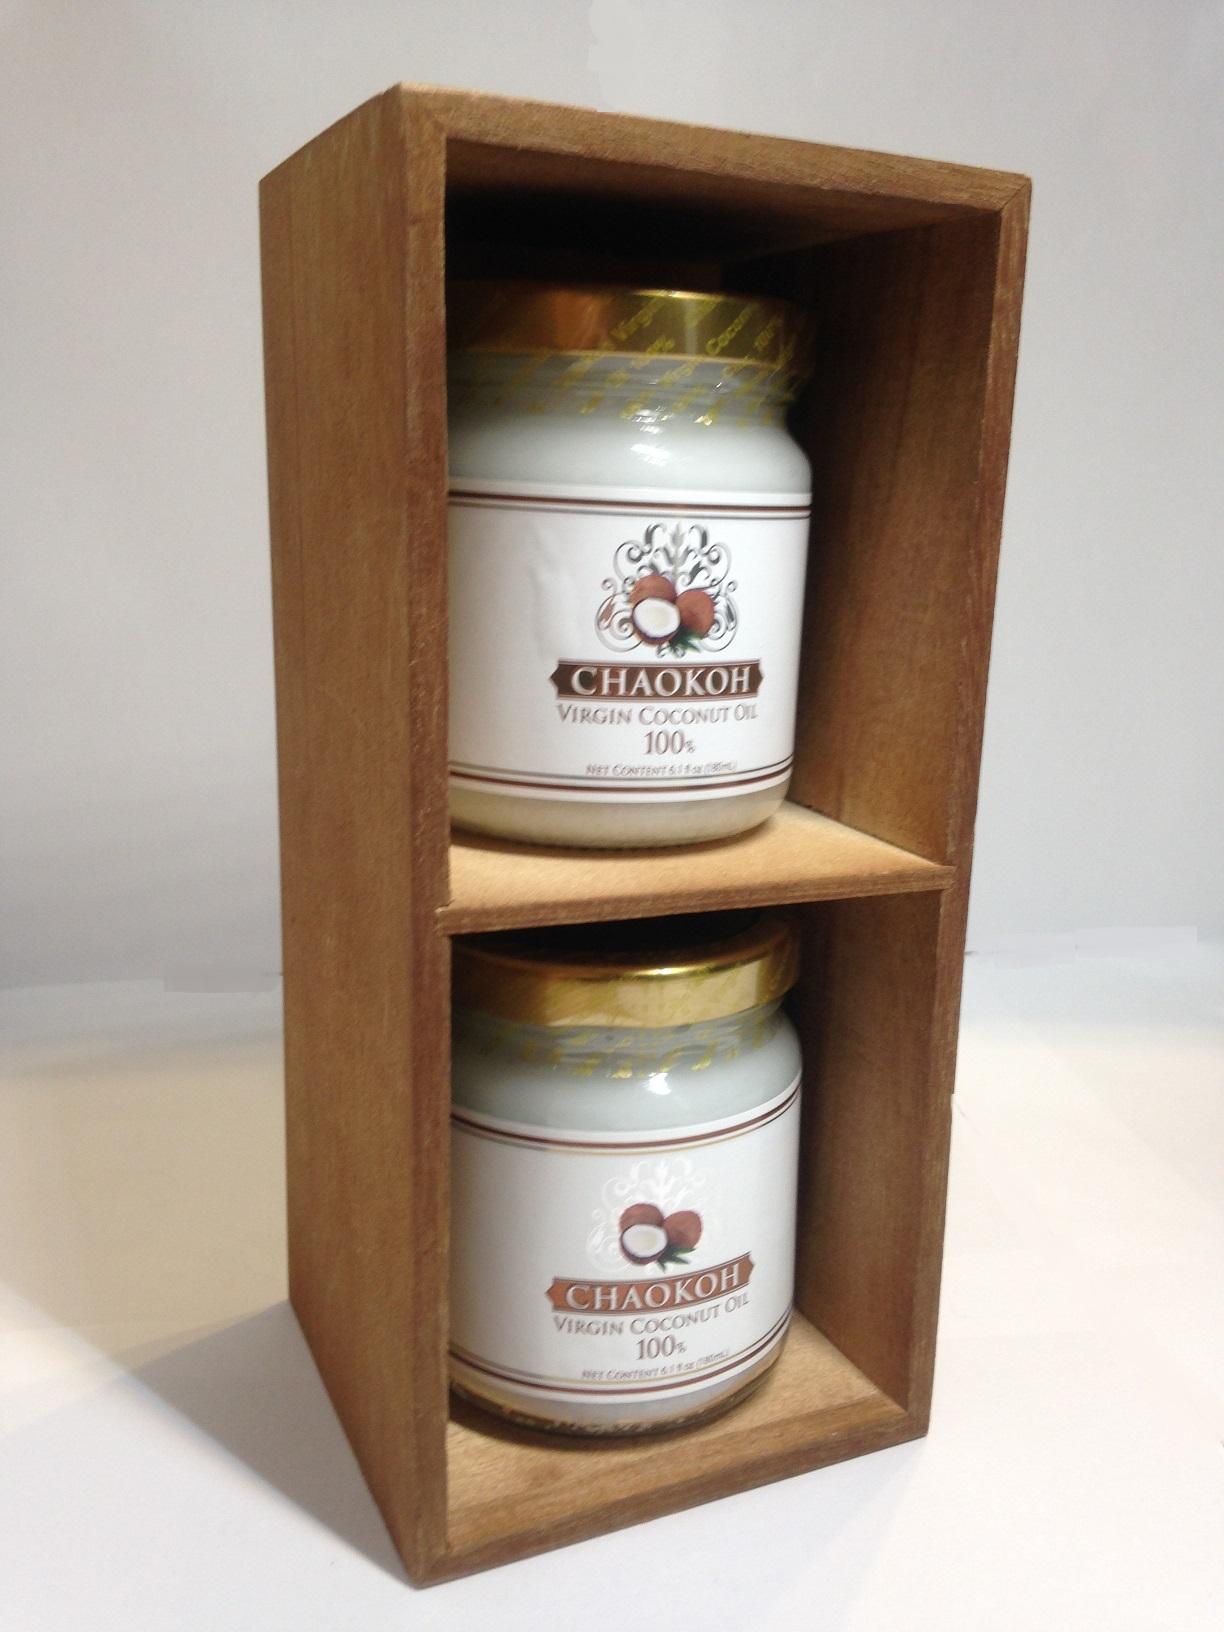 バージンココナッツオイル CHAOKOH 180ml(2個セット)